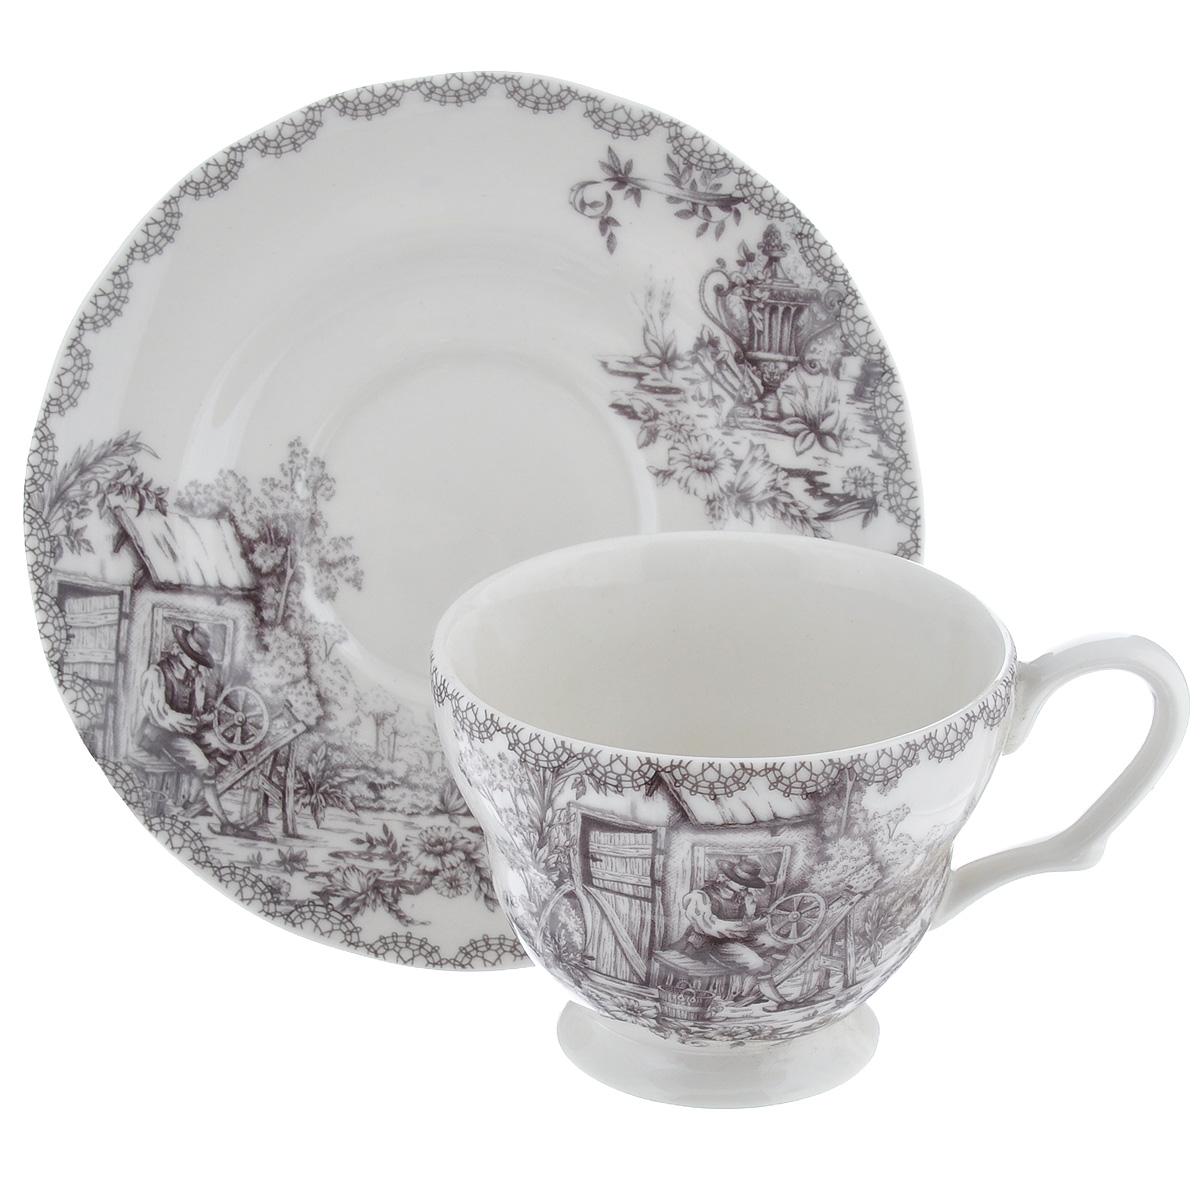 Чайная пара Utana Инглиш принтс Флинт, 2 предметаUTEF97301/2Чайная пара Utana Инглиш принтс Флинт состоит из чашки и блюдца, выполненных из высококачественной керамики. Красочность оформления придется по вкусу и ценителям классики, и тем, кто предпочитает утонченность и изысканность. Оригинальный принт придает набору особый шарм, который понравится каждому. Предметы набора можно использовать в микроволновой печи и мыть в посудомоечной машине. Объем чашки: 200 мл. Диаметр чашки (по верхнему краю): 9 см. Высота чашки: 7,5 см. Диаметр блюдца: 15 см.